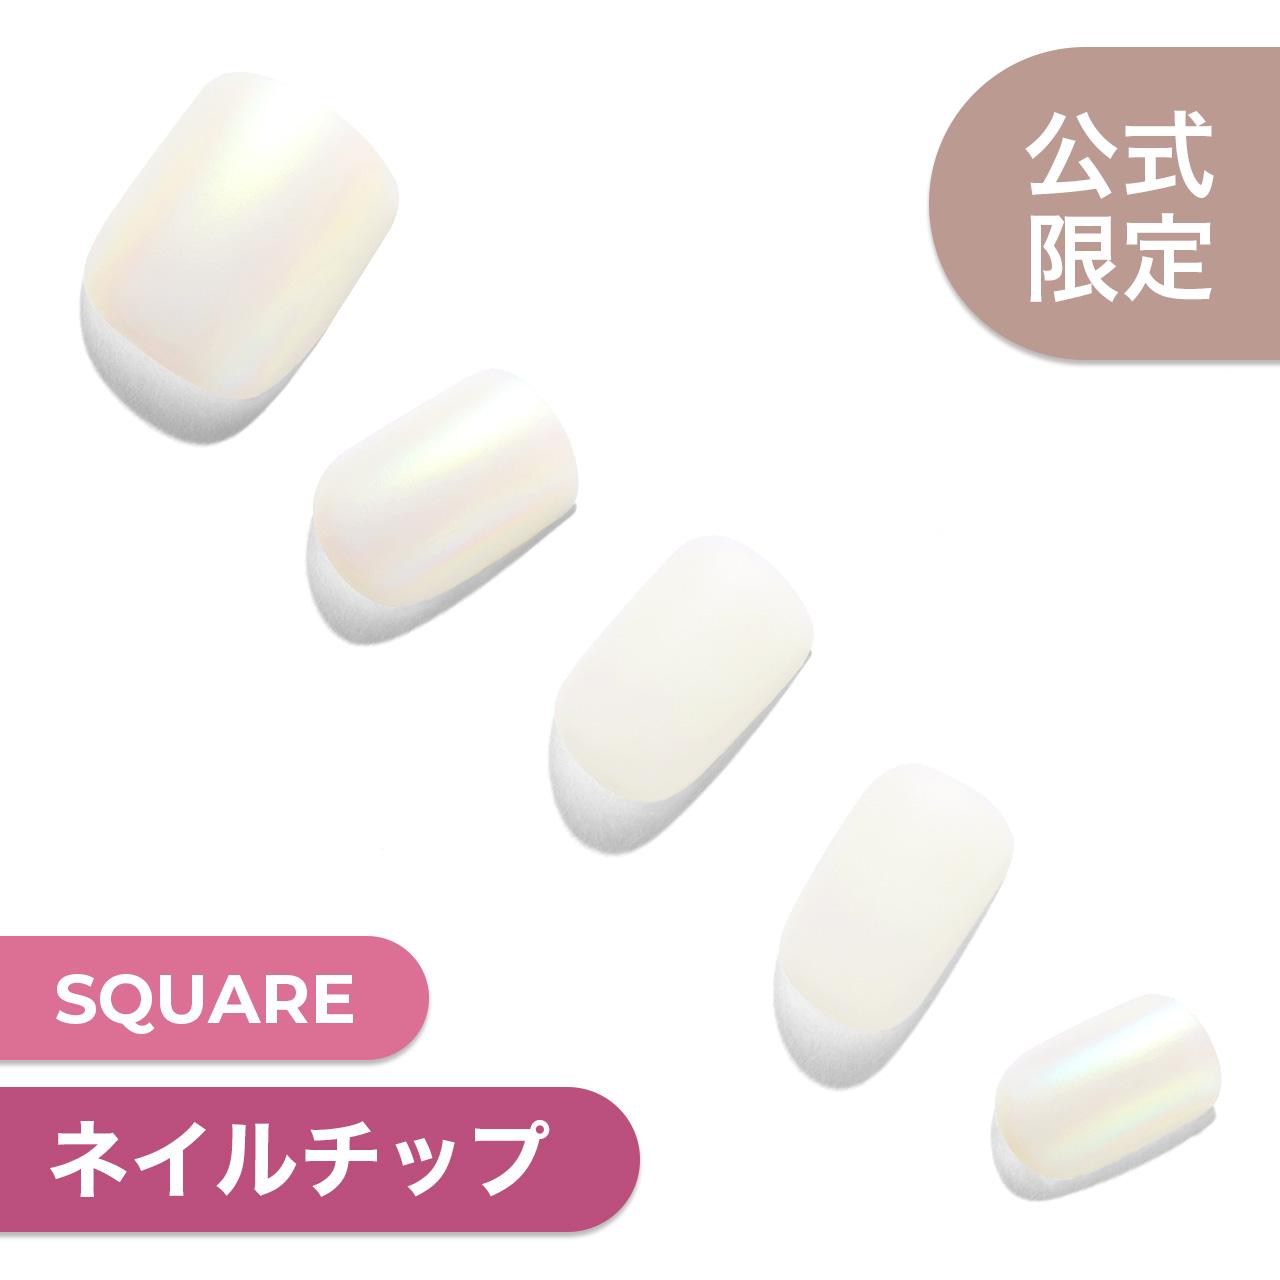 【Pearly Shine】ダッシングディバマジックプレス